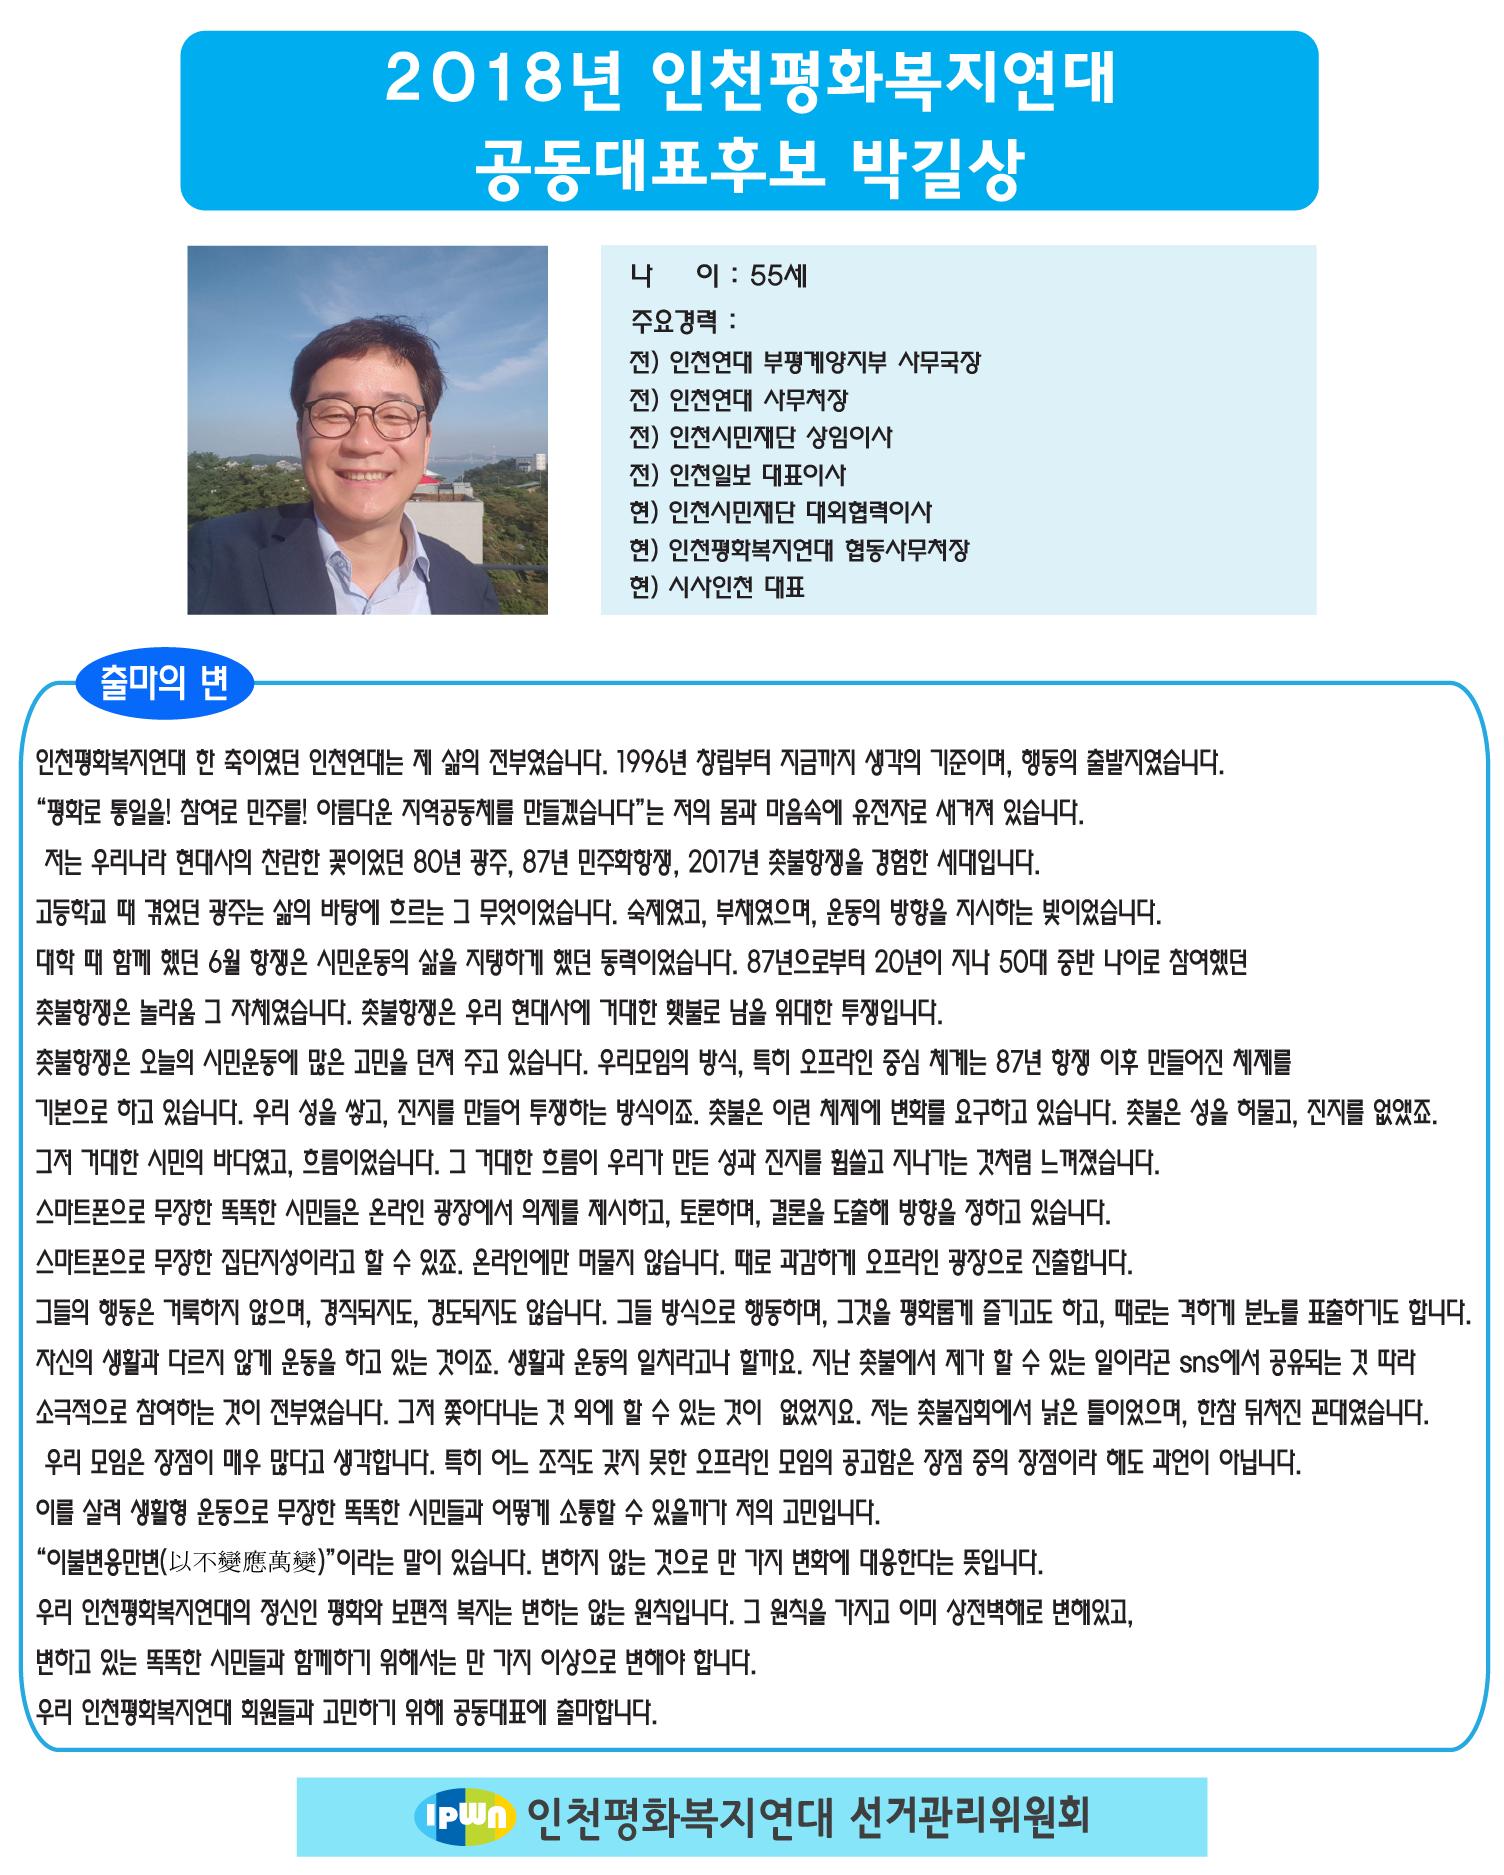 2018인천평화복지연대 박길상 공동대표 후보.png